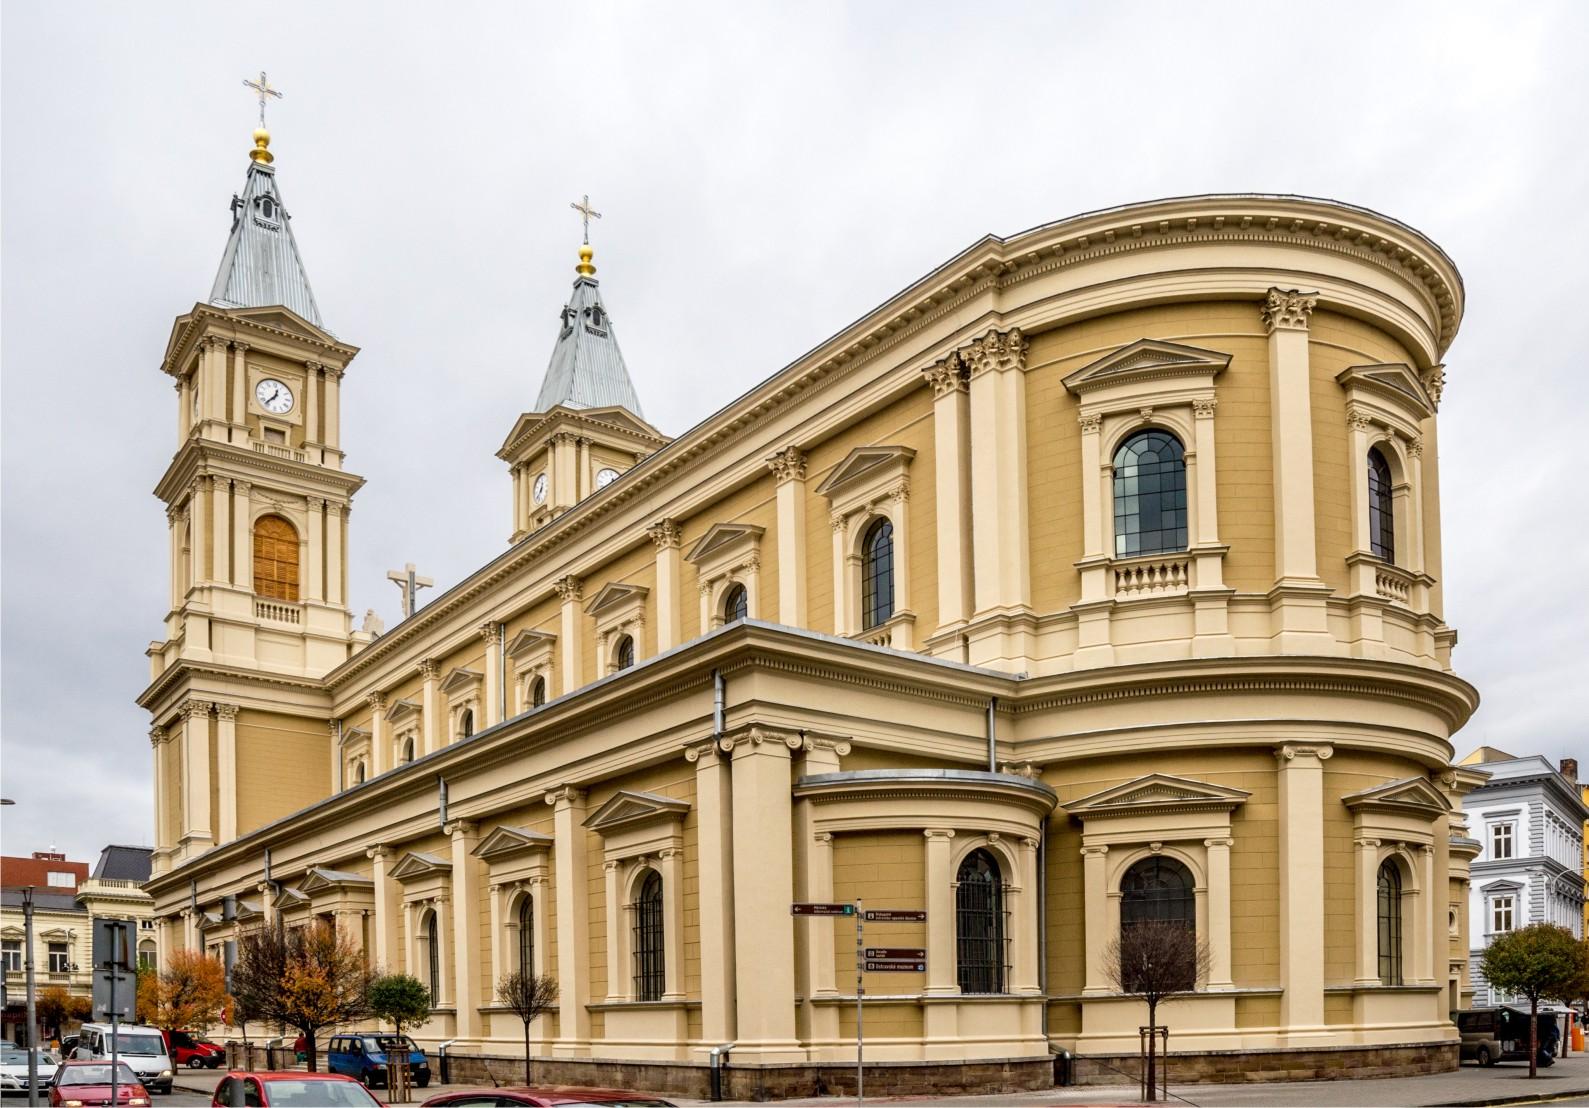 d7da44b0052 ... katedrály Božského Spasitele zamíří ve středu 11. 5. stovky zaměstnanců  Charit působící v ostravsko-opavské diecézi. Mše svatá začíná v 10.00 hodin.